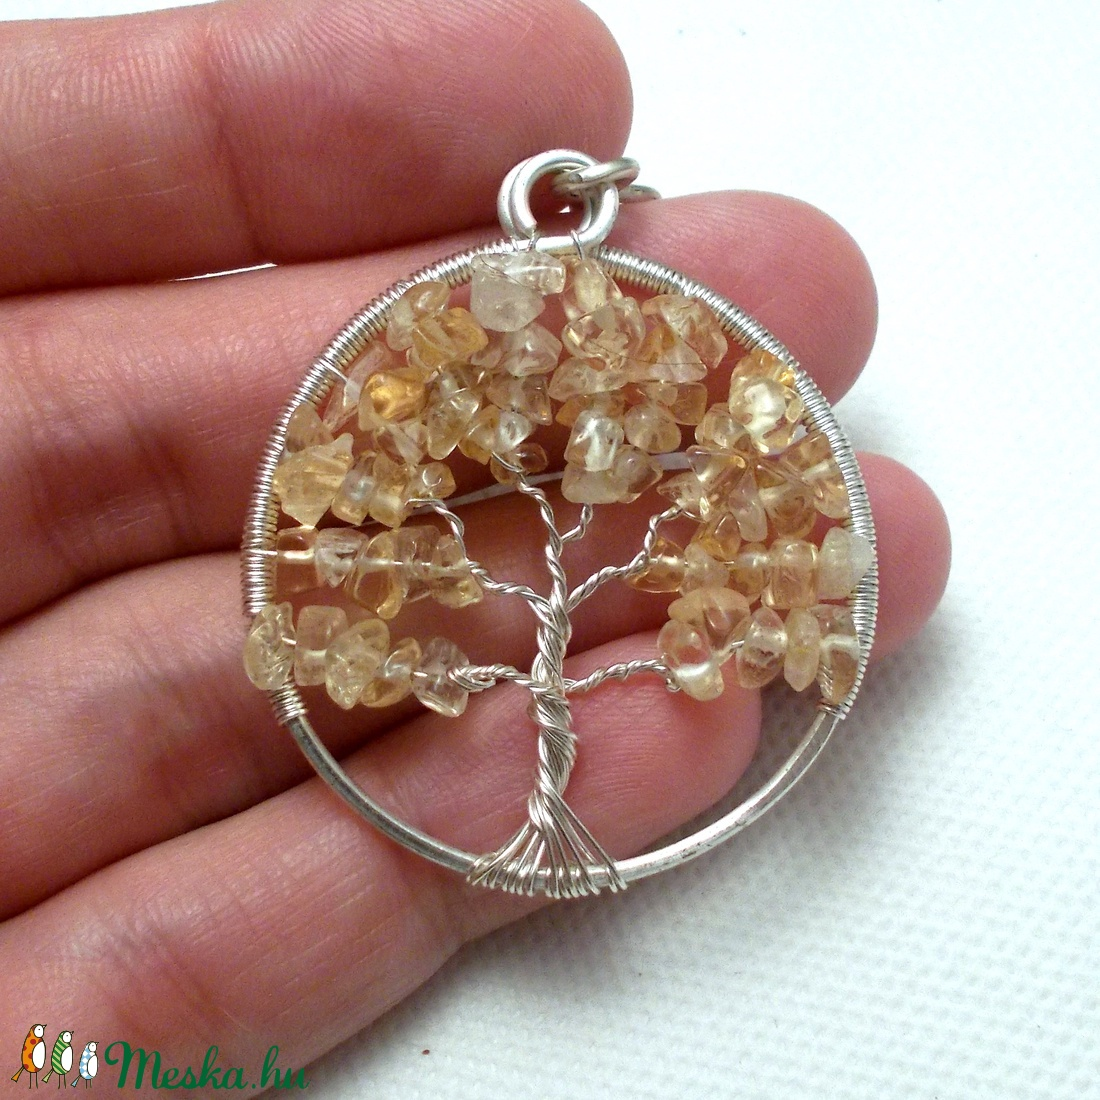 576ad400f Citrin életfa medál, sárga életfa medál, ásvány életfa medál, ezüstözött  életfa medál (PerAnnaEkszer) - Meska.hu